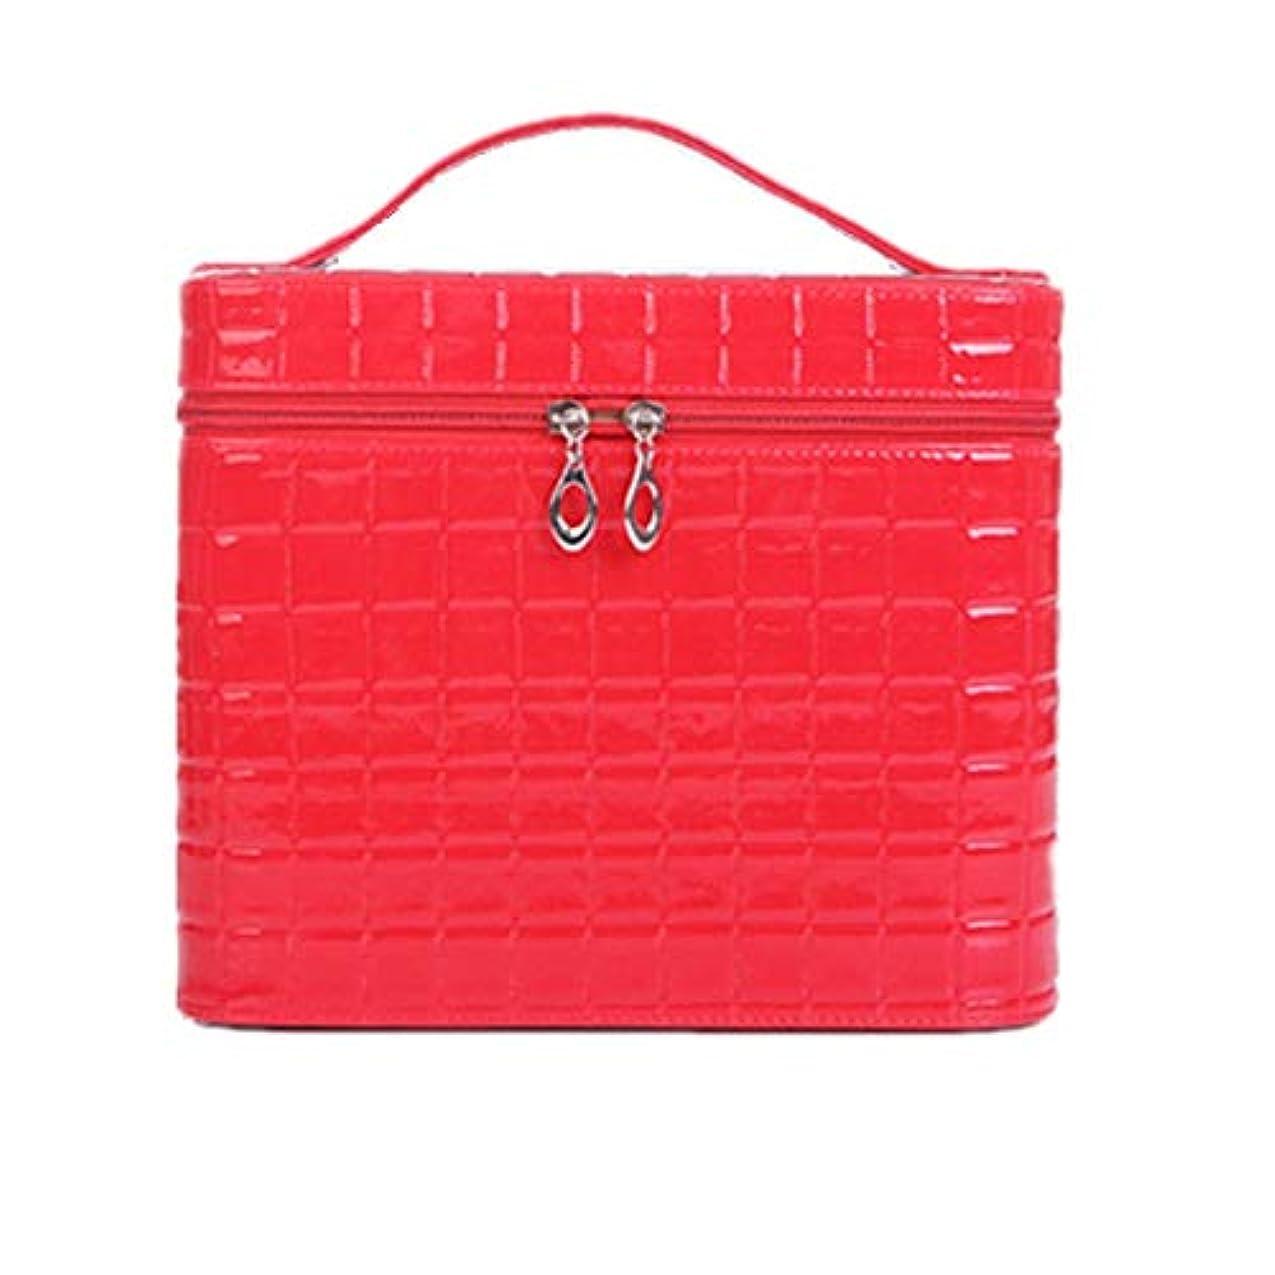 高さ手伝う唯物論化粧オーガナイザーバッグ ジッパーと化粧鏡で小さなものの種類の旅行のための美容メイクアップのための赤いポータブル化粧品バッグ 化粧品ケース